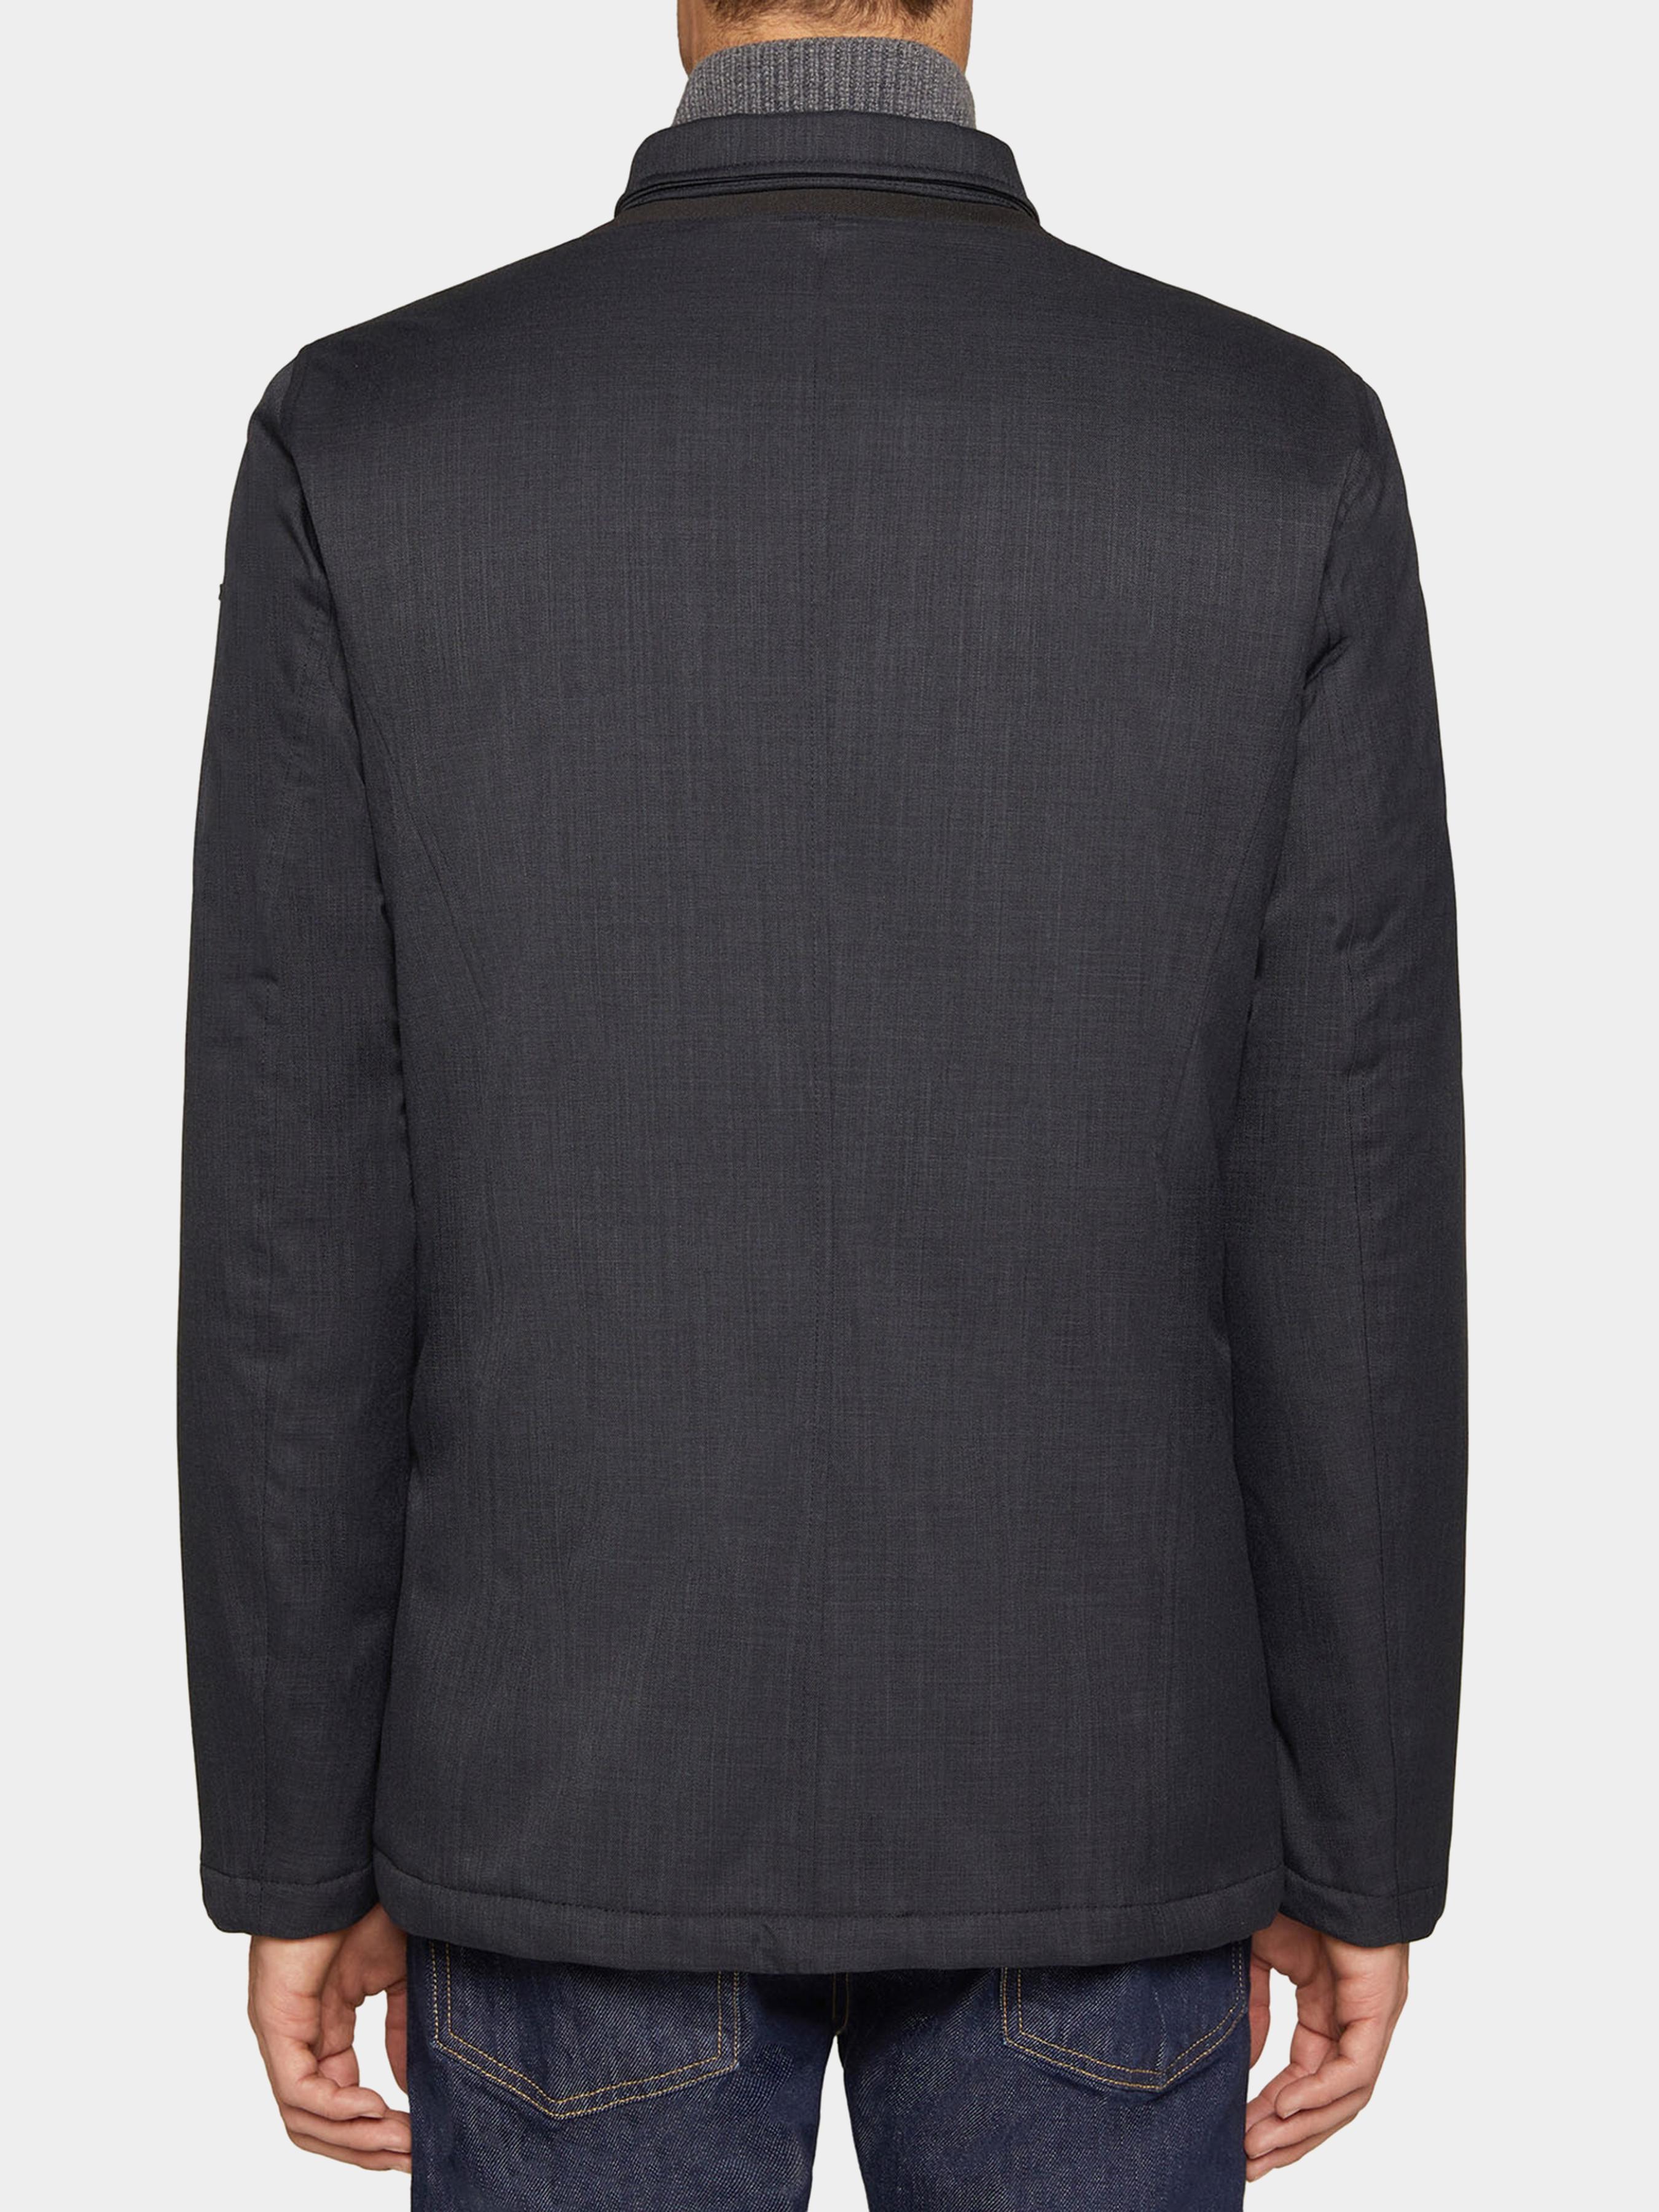 Куртка мужские Geox модель XA6035 купить, 2017